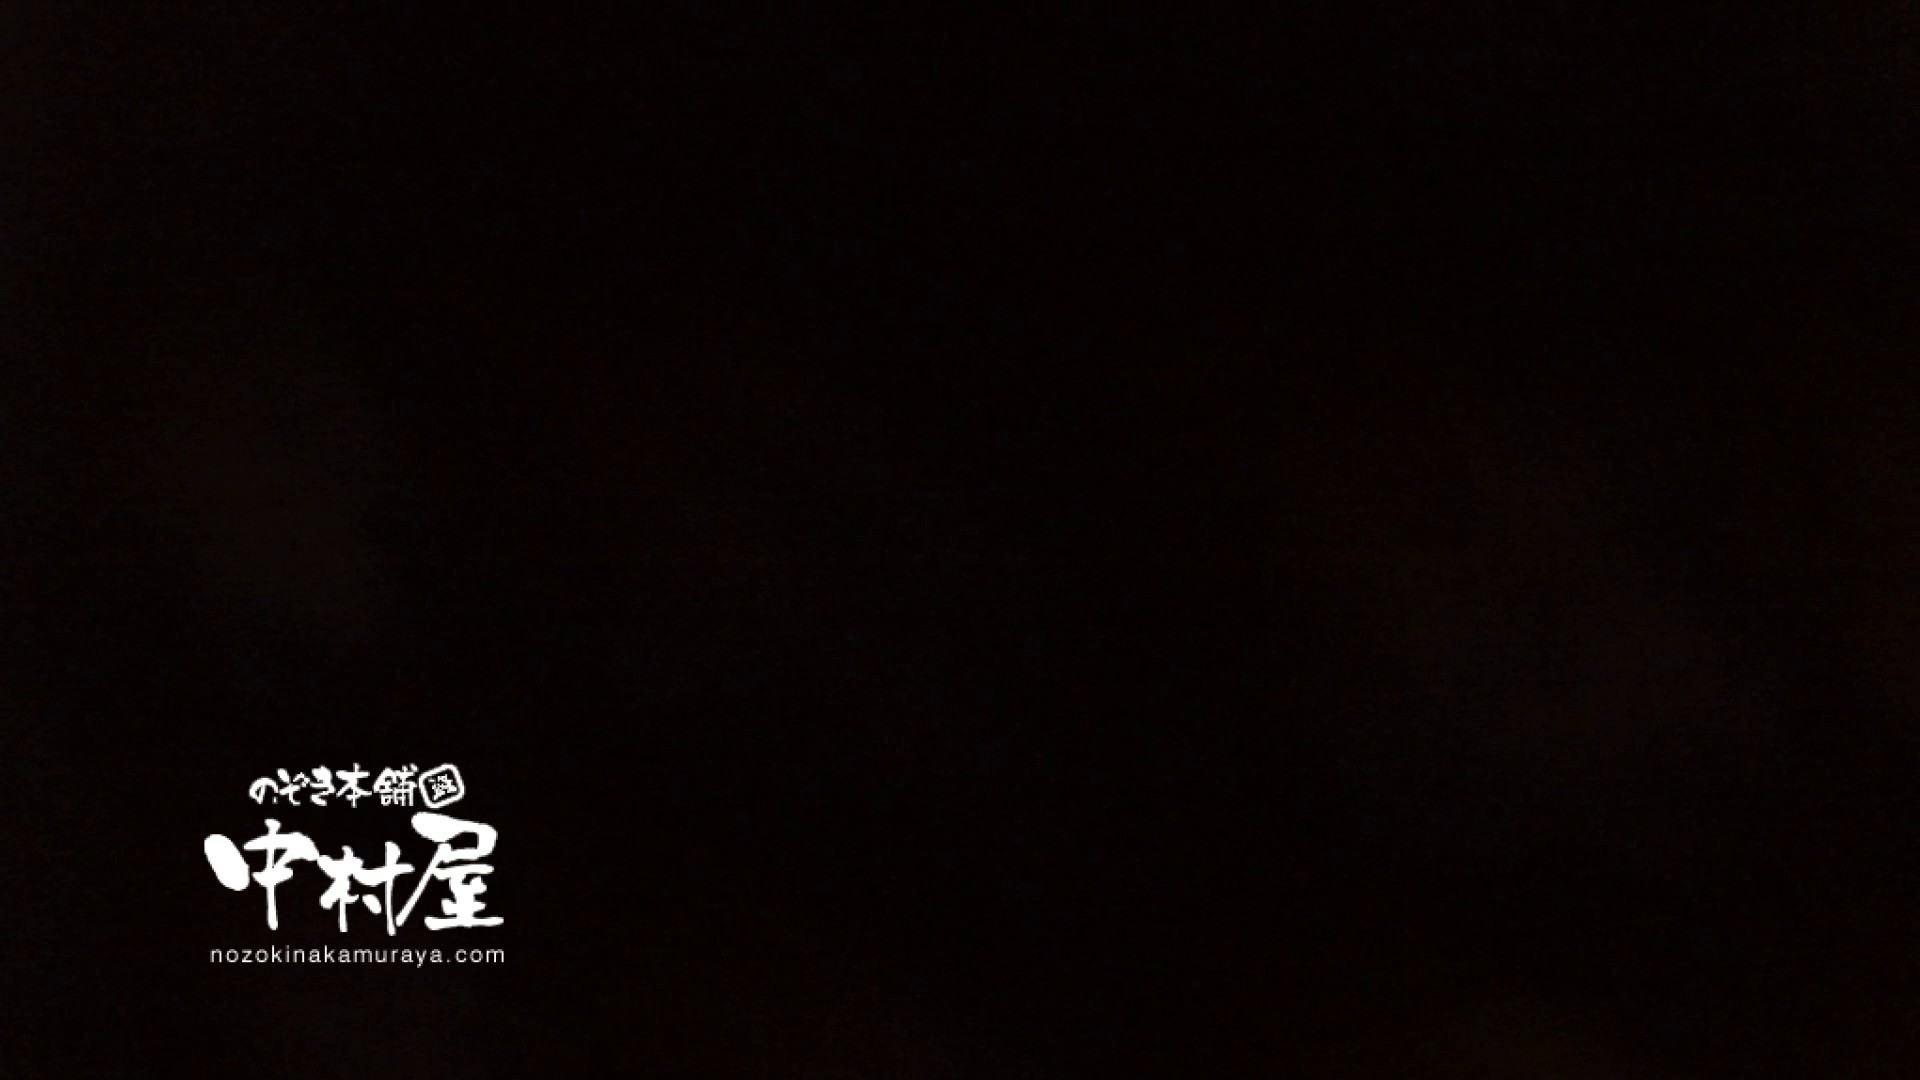 鬼畜 vol.14 小生意気なおなごにはペナルティー 後編 独身エッチOL | 鬼畜  106pic 86